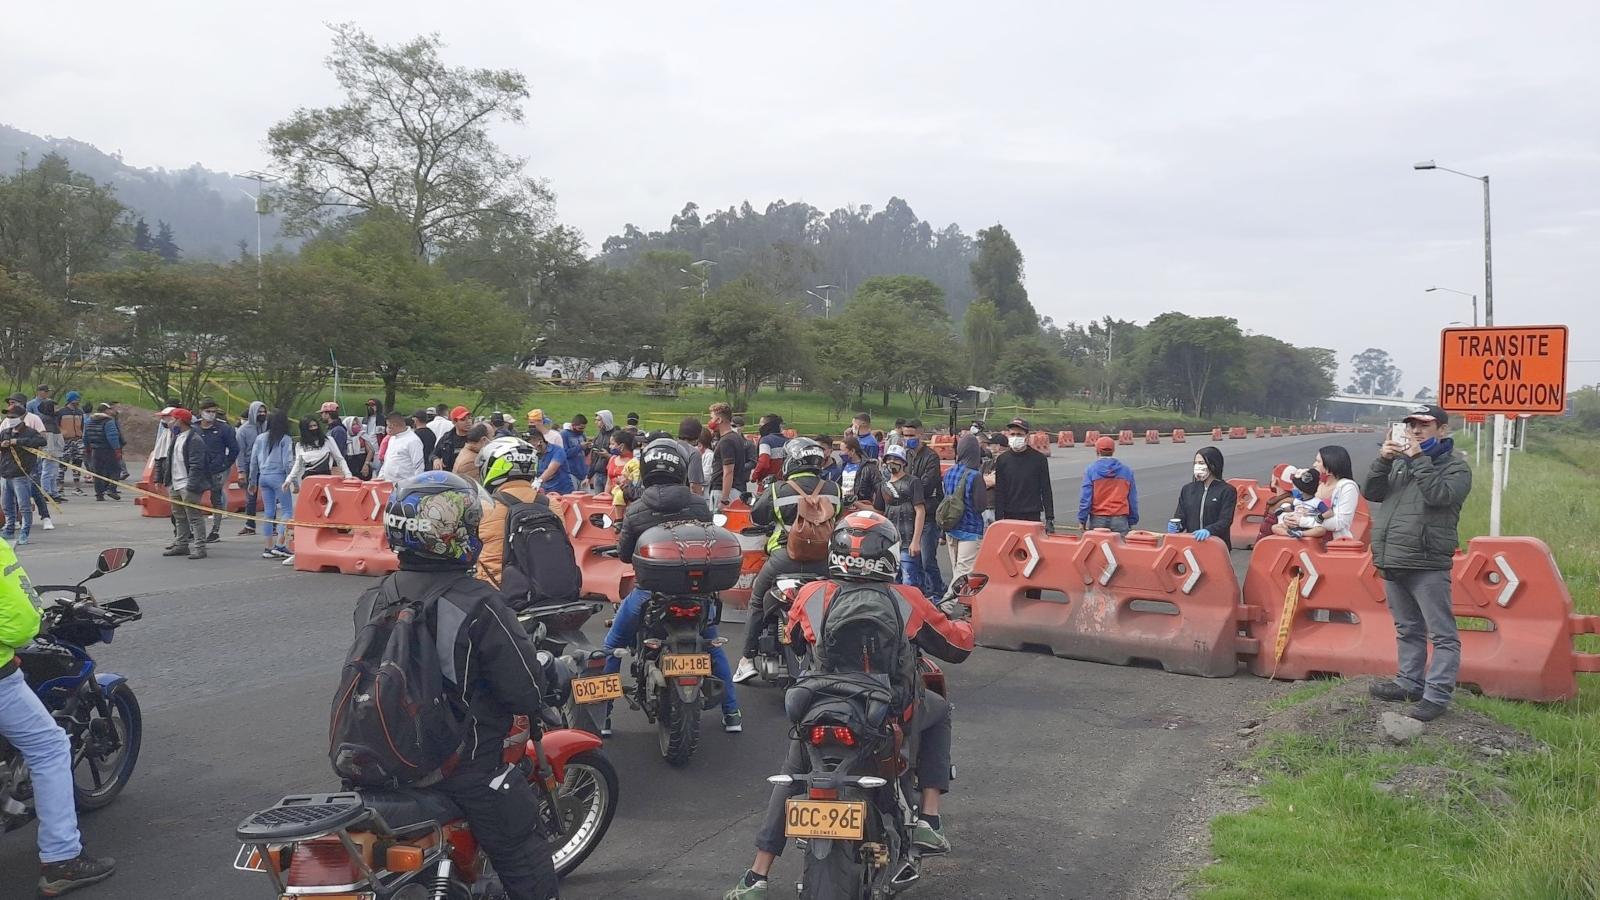 Arrodillados y rezando, unos 500 migrantes piden que los dejen seguir hacia Venezuela